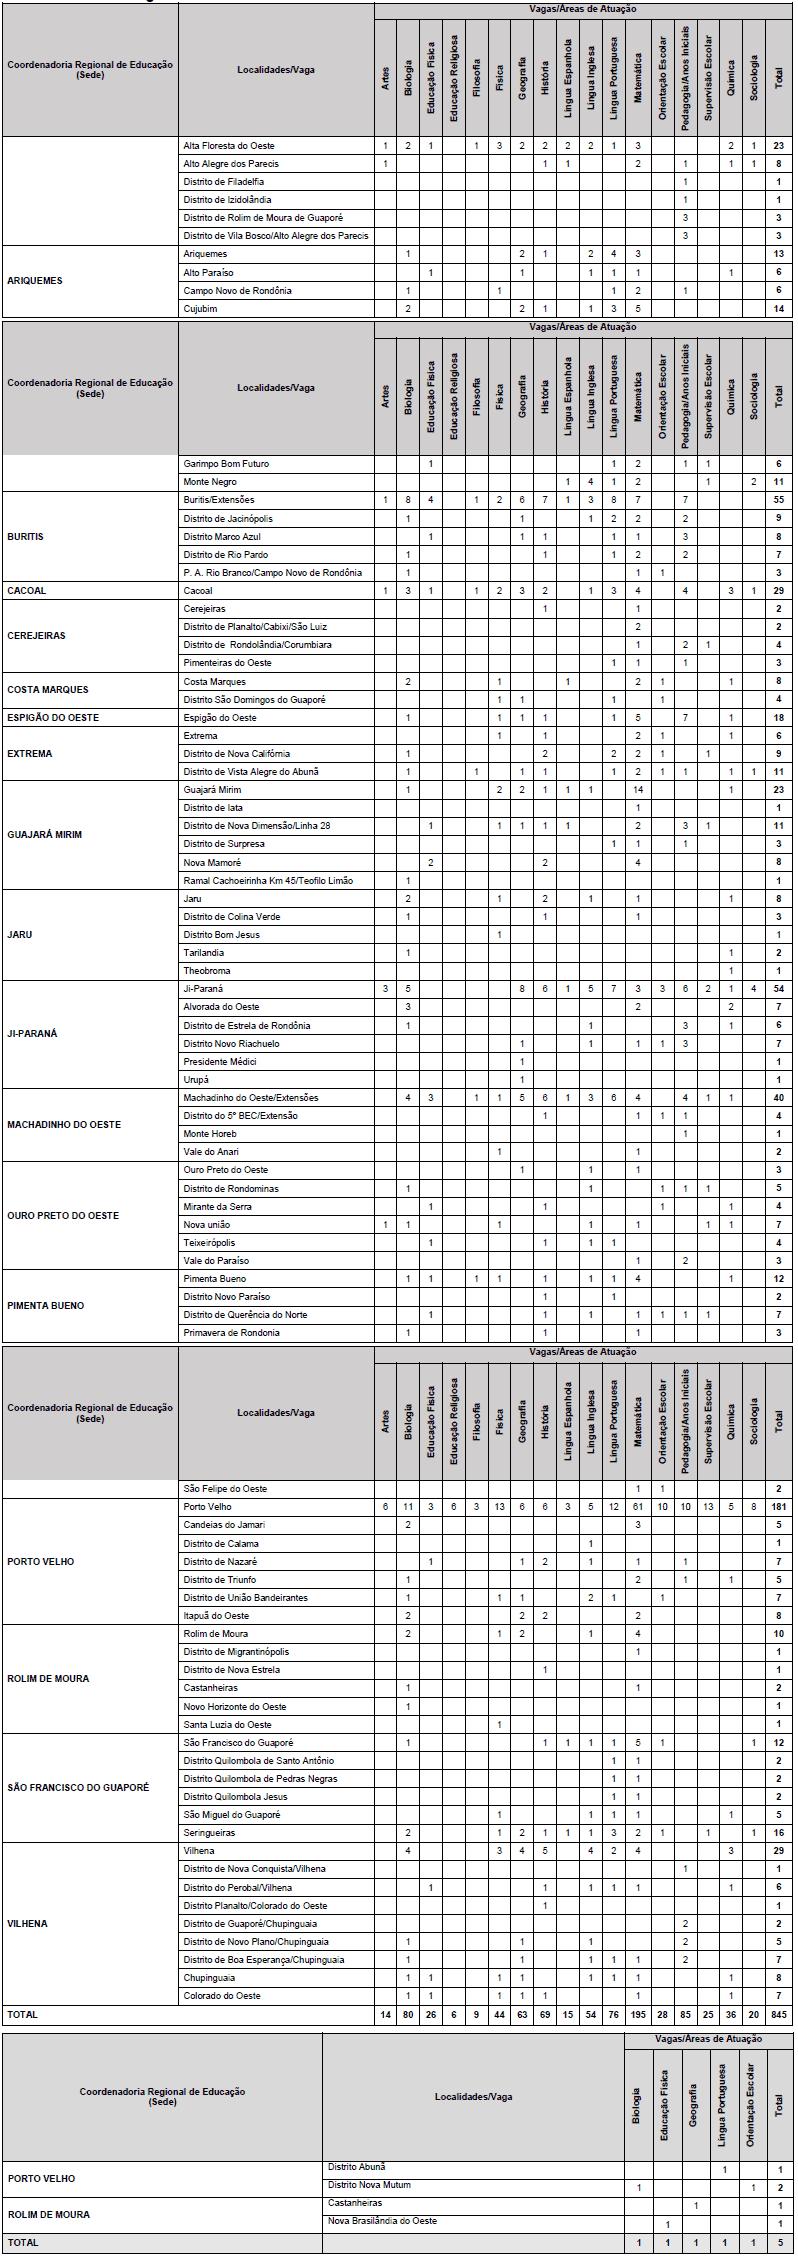 selecao seduc ro 2019 temporario vagas - SEDUC RO 2019: Inscrições Encerradas para 850 vagas Temporárias